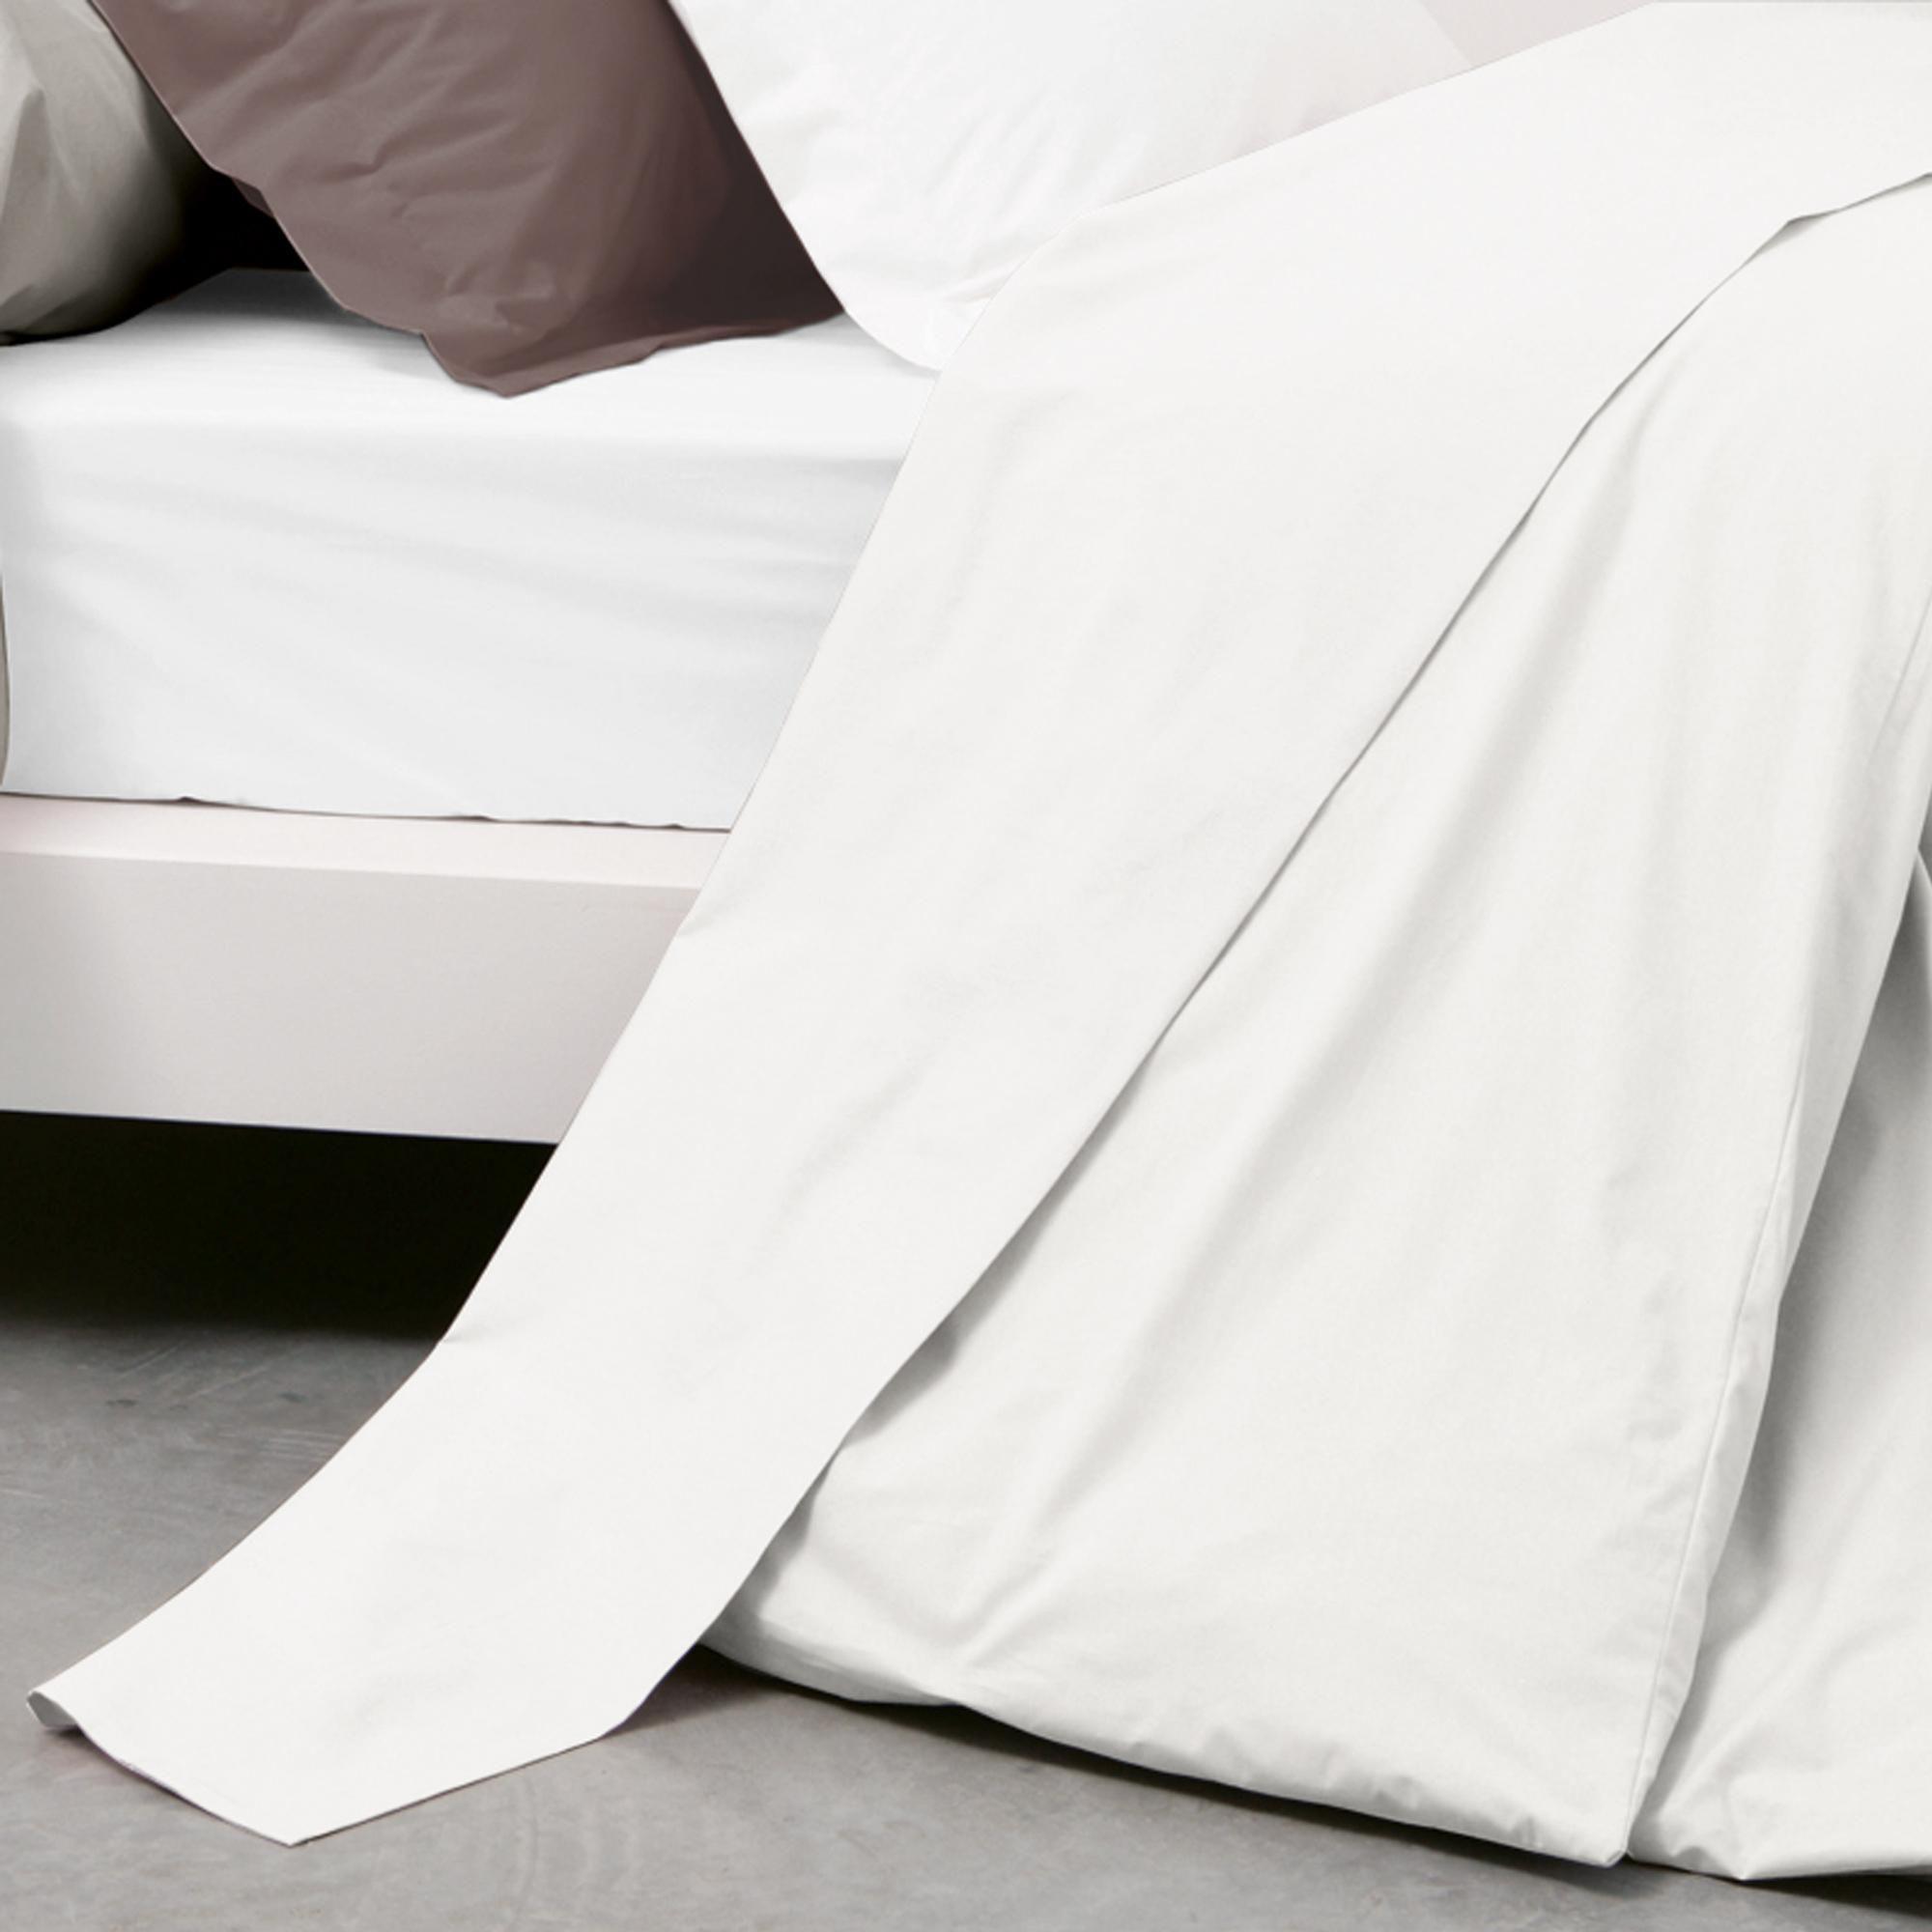 drap plat coton percale 270x310 blanc achat vente drap plat cdiscount. Black Bedroom Furniture Sets. Home Design Ideas